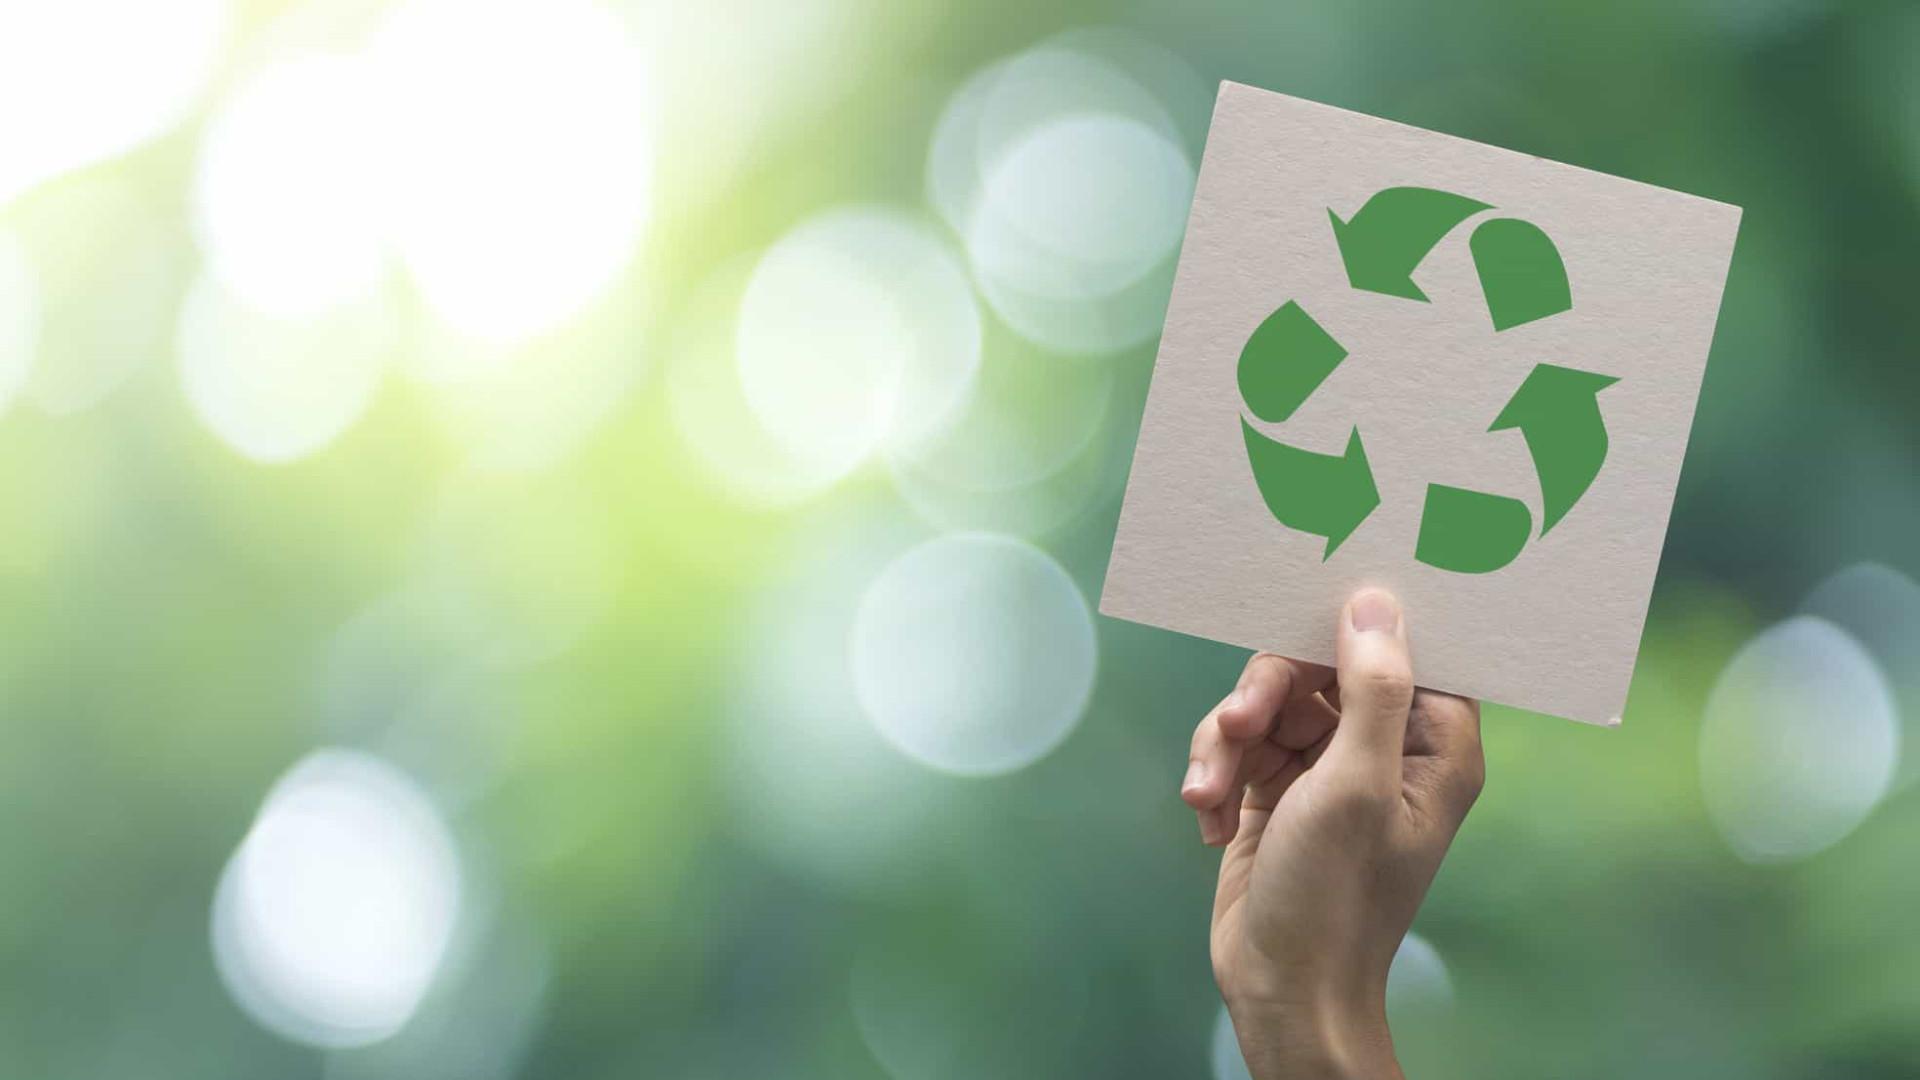 Degradação dos bioplásticos dificulta reciclagem, diz professor